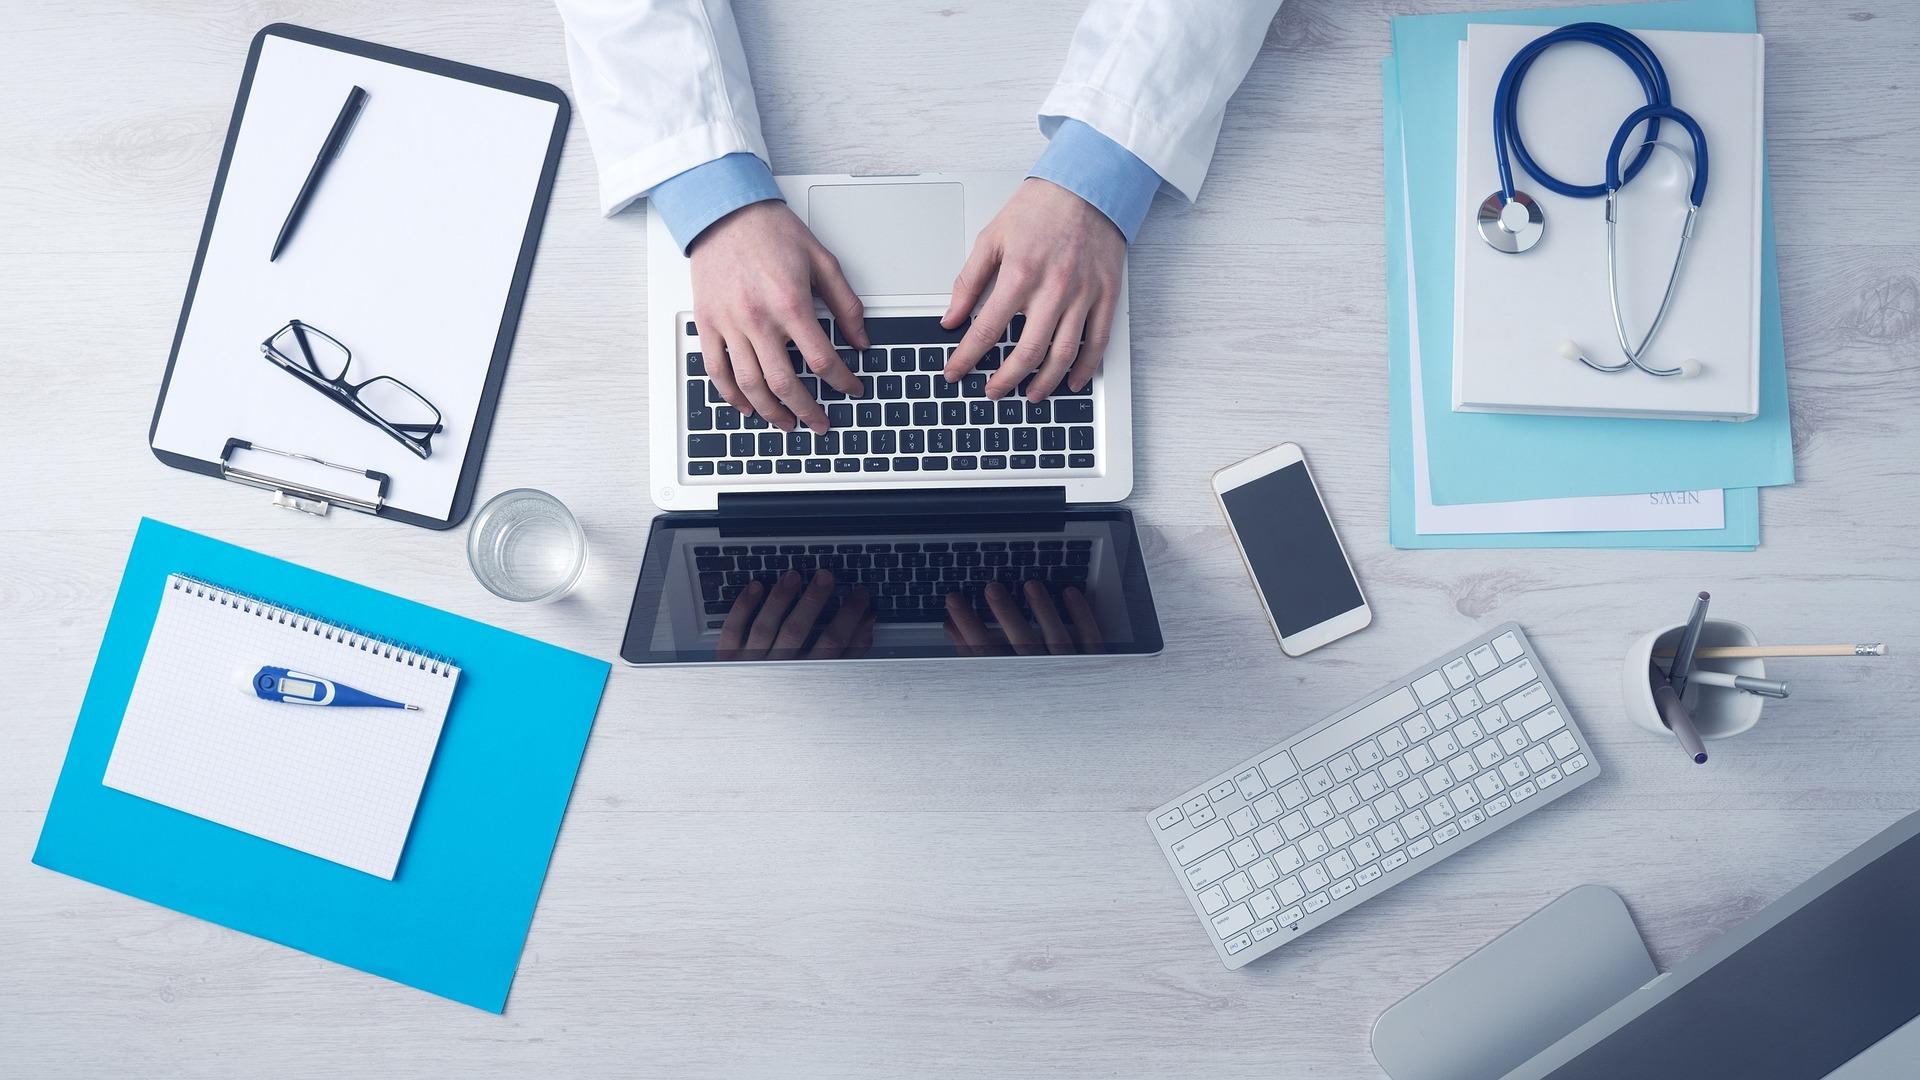 نظام الرعاية الصحية عن بعد للمسنين